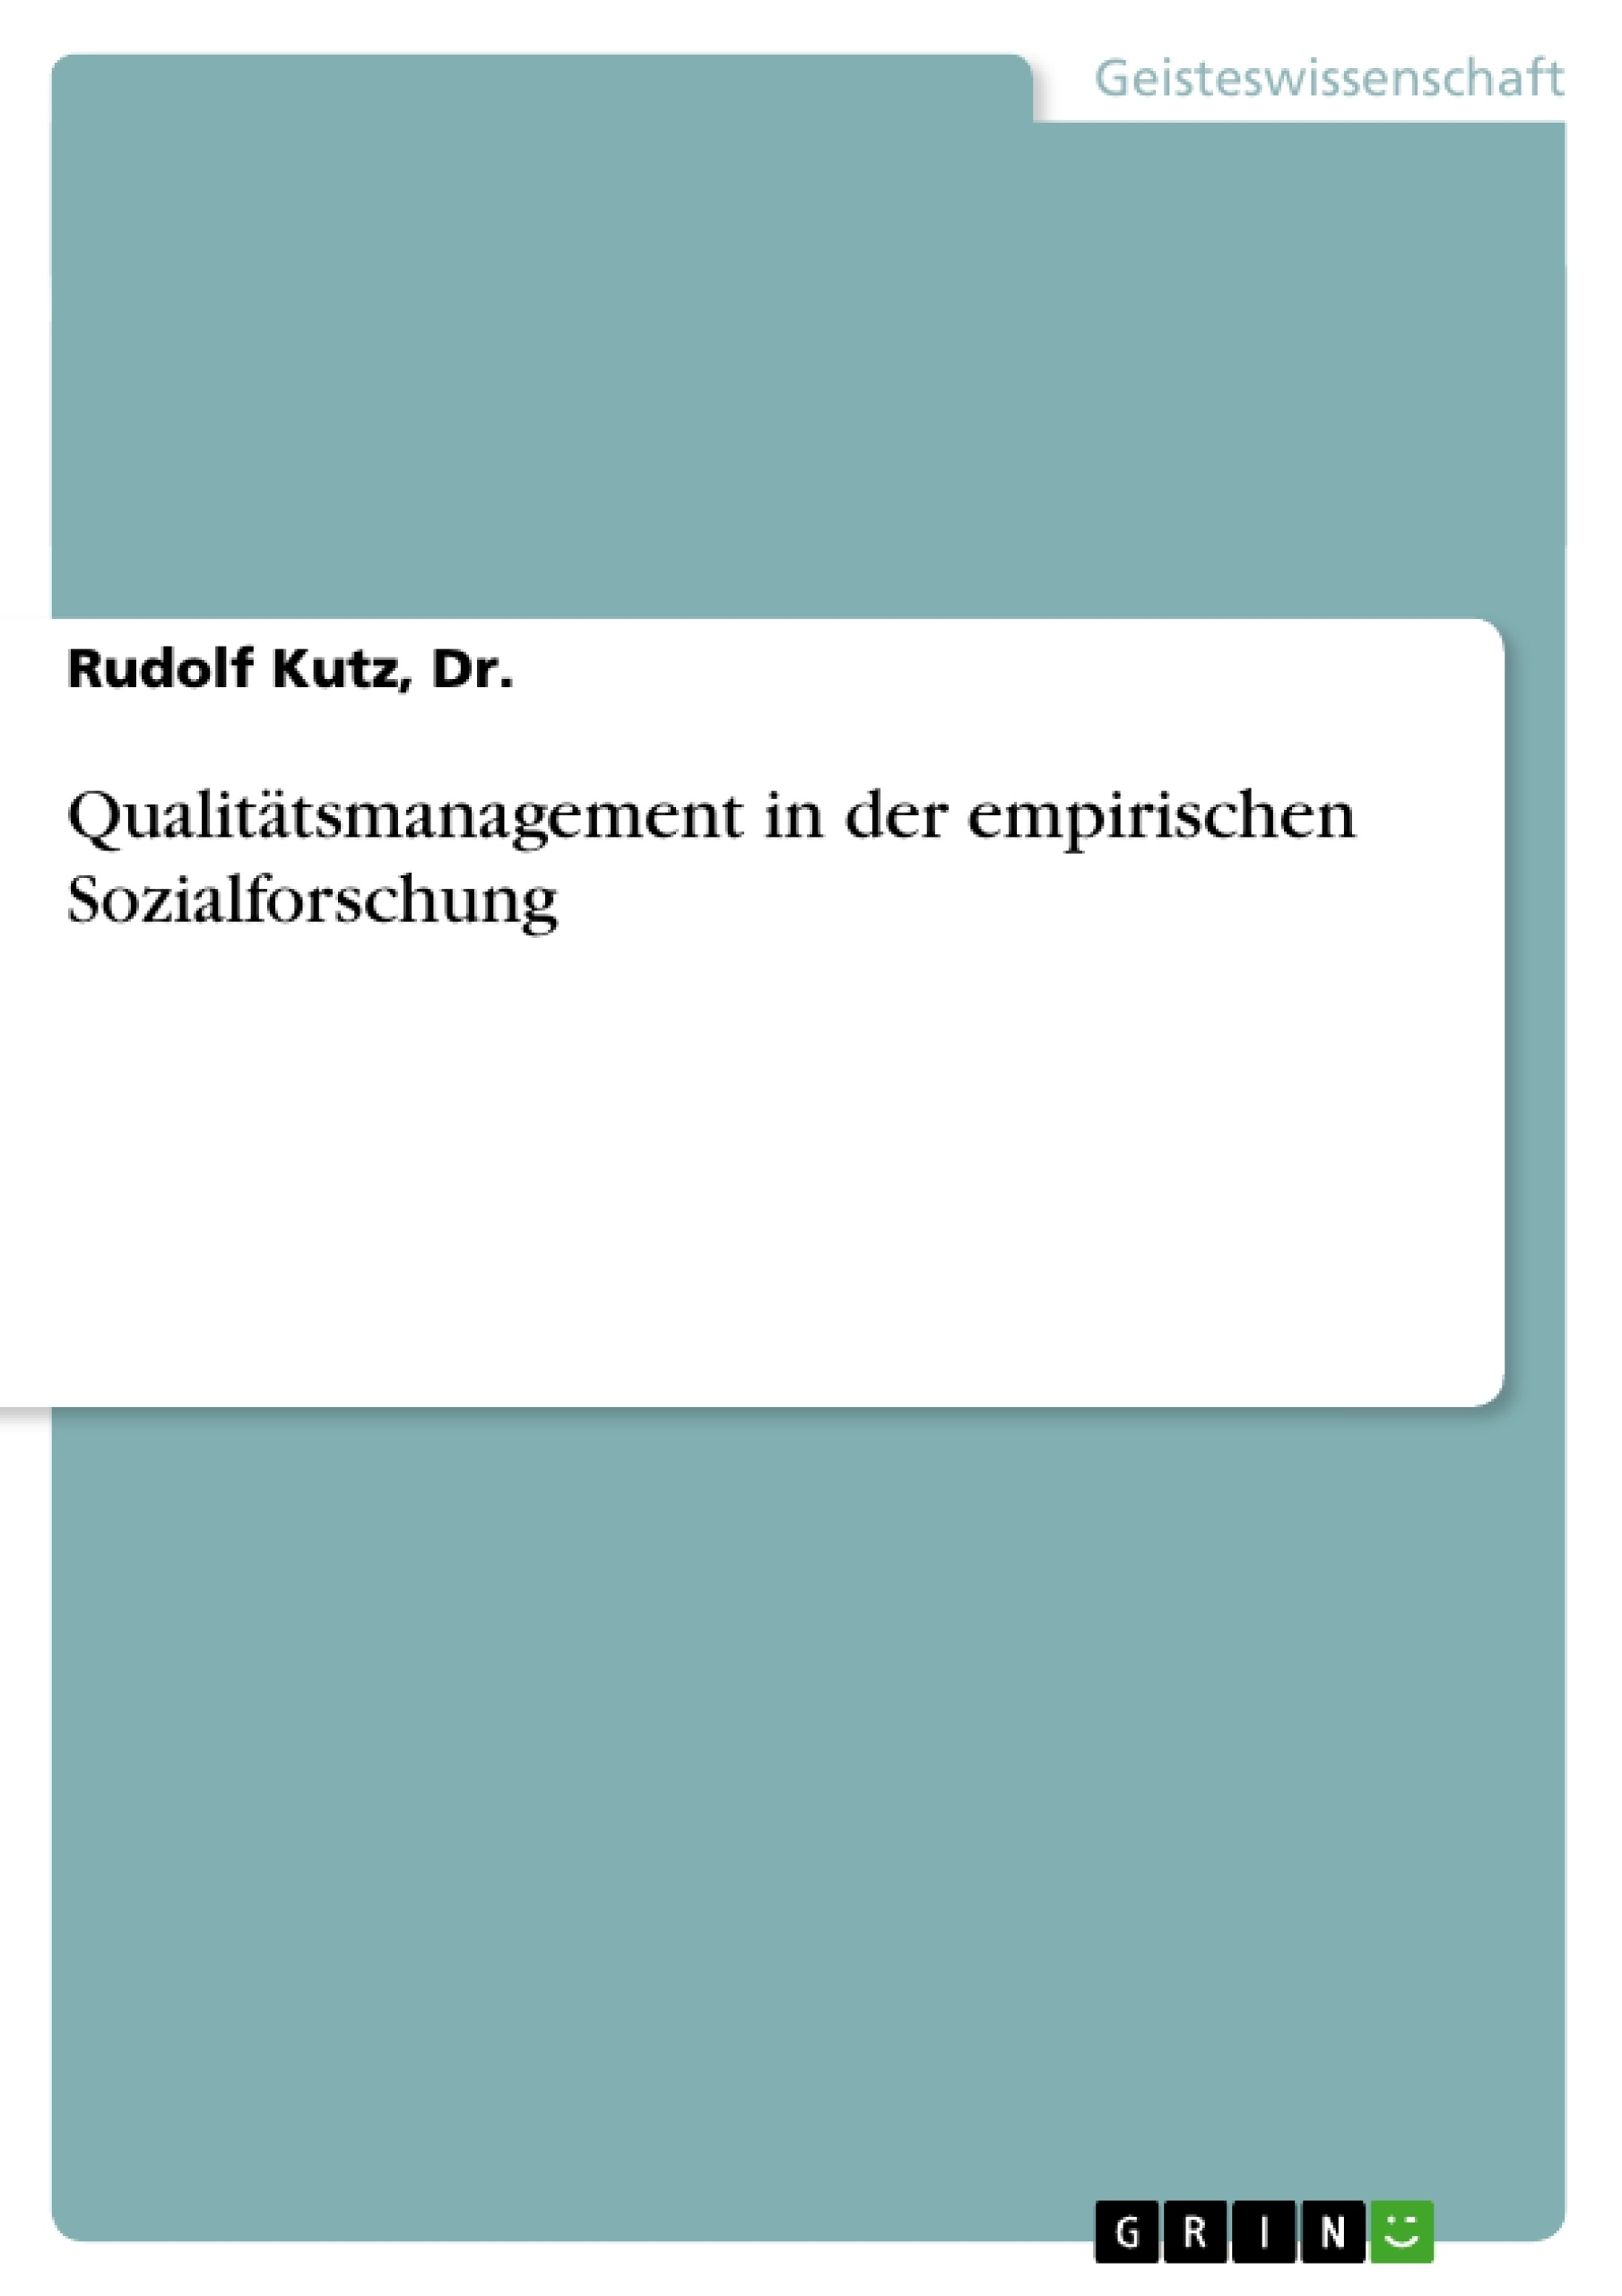 Titel: Qualitätsmanagement in der empirischen Sozialforschung